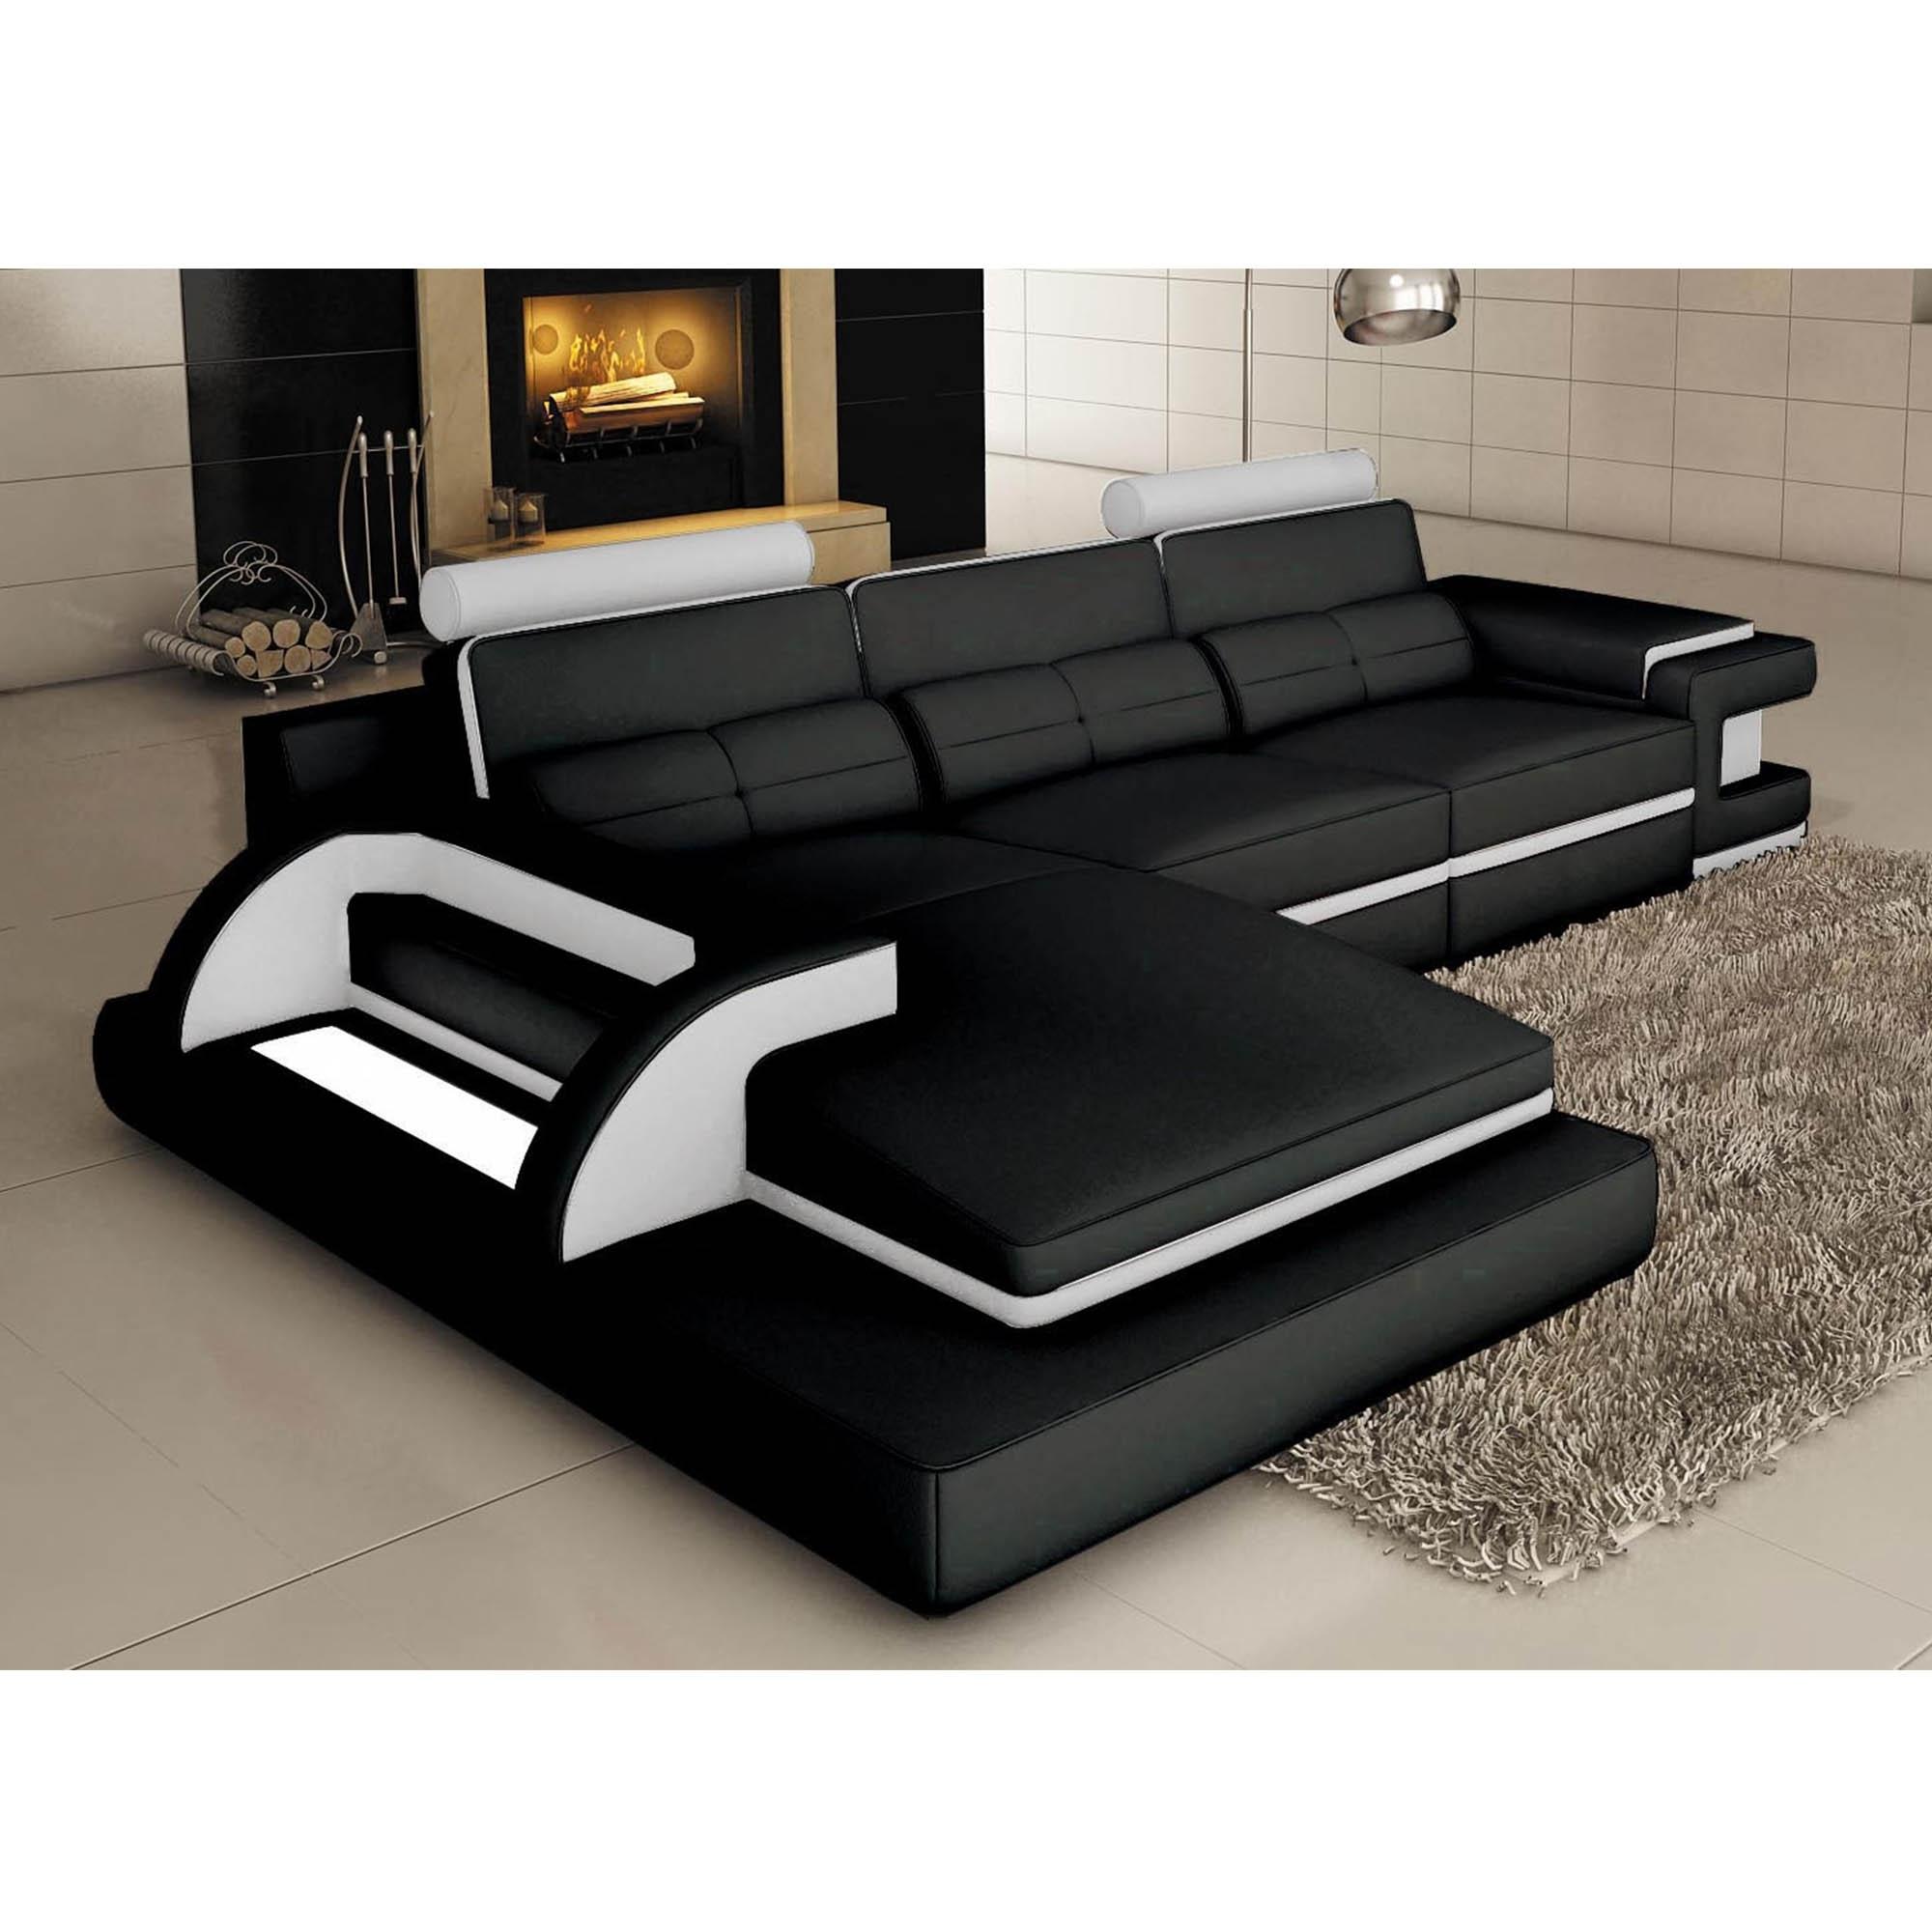 DECO IN PARIS Canape d angle cuir noir et blanc design